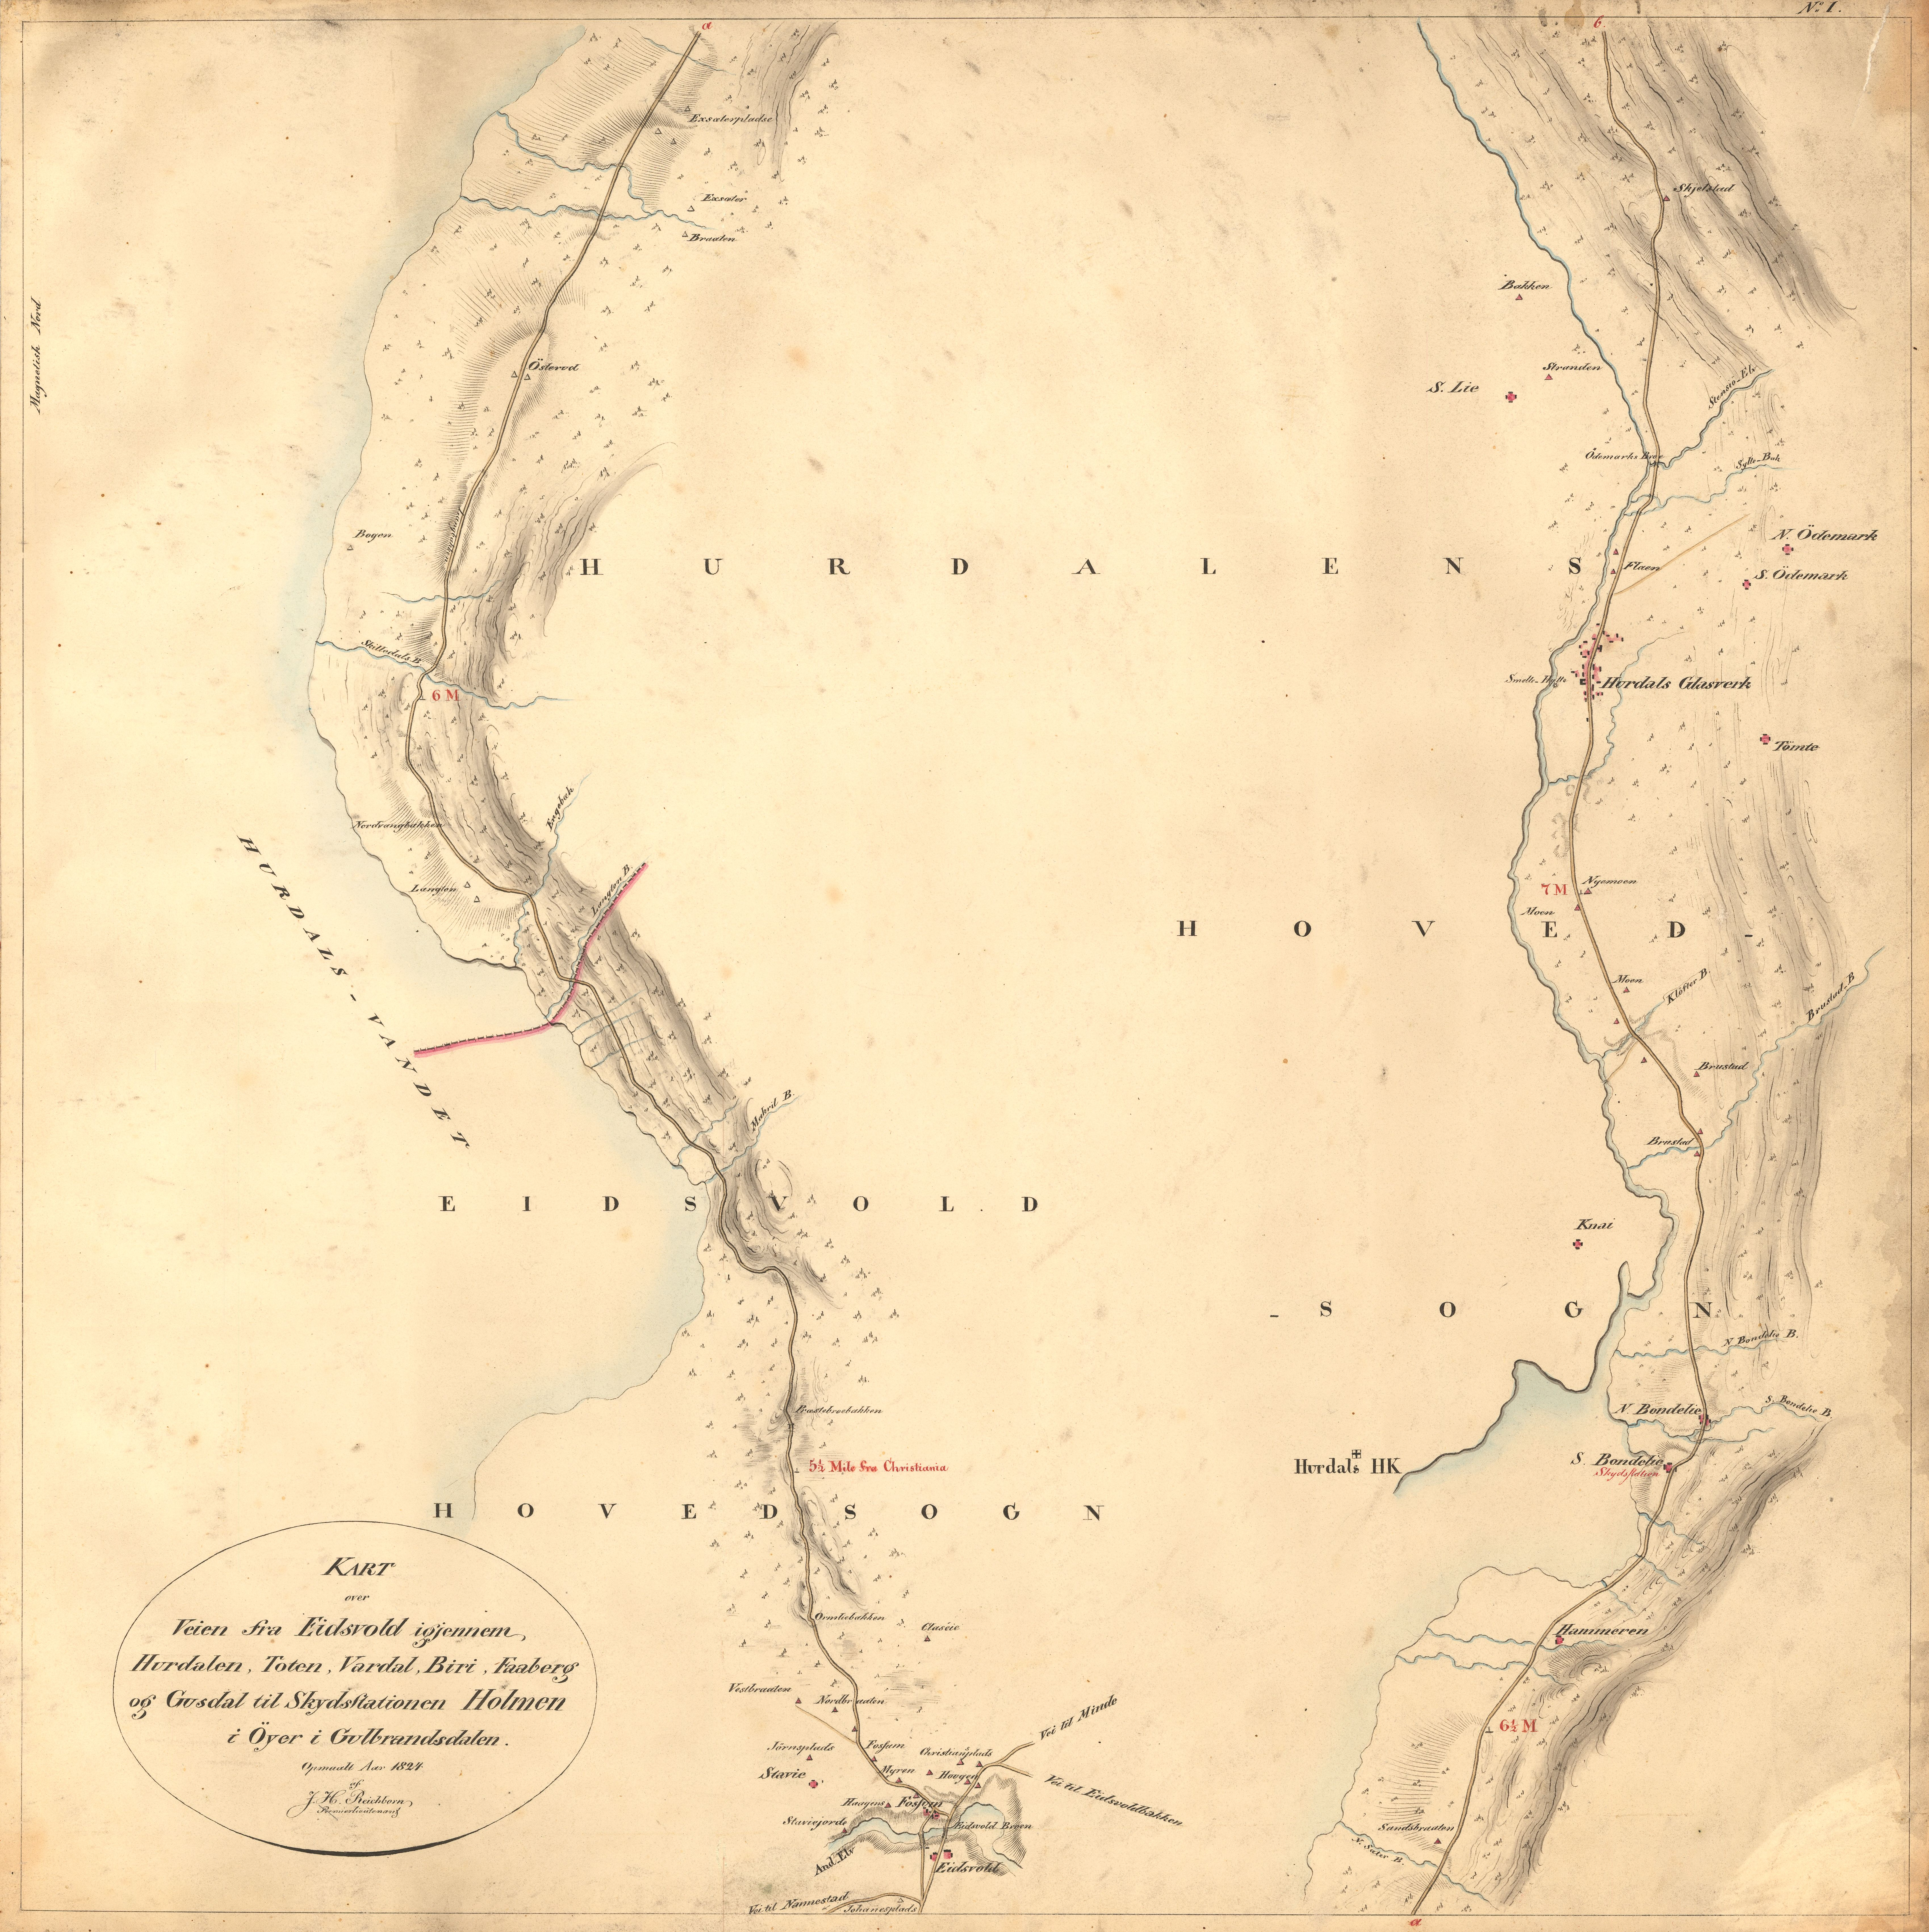 kart til og fra File:Kartblad 1  Kart over Veien fra Eidsvold igjennm Hurdalen  kart til og fra